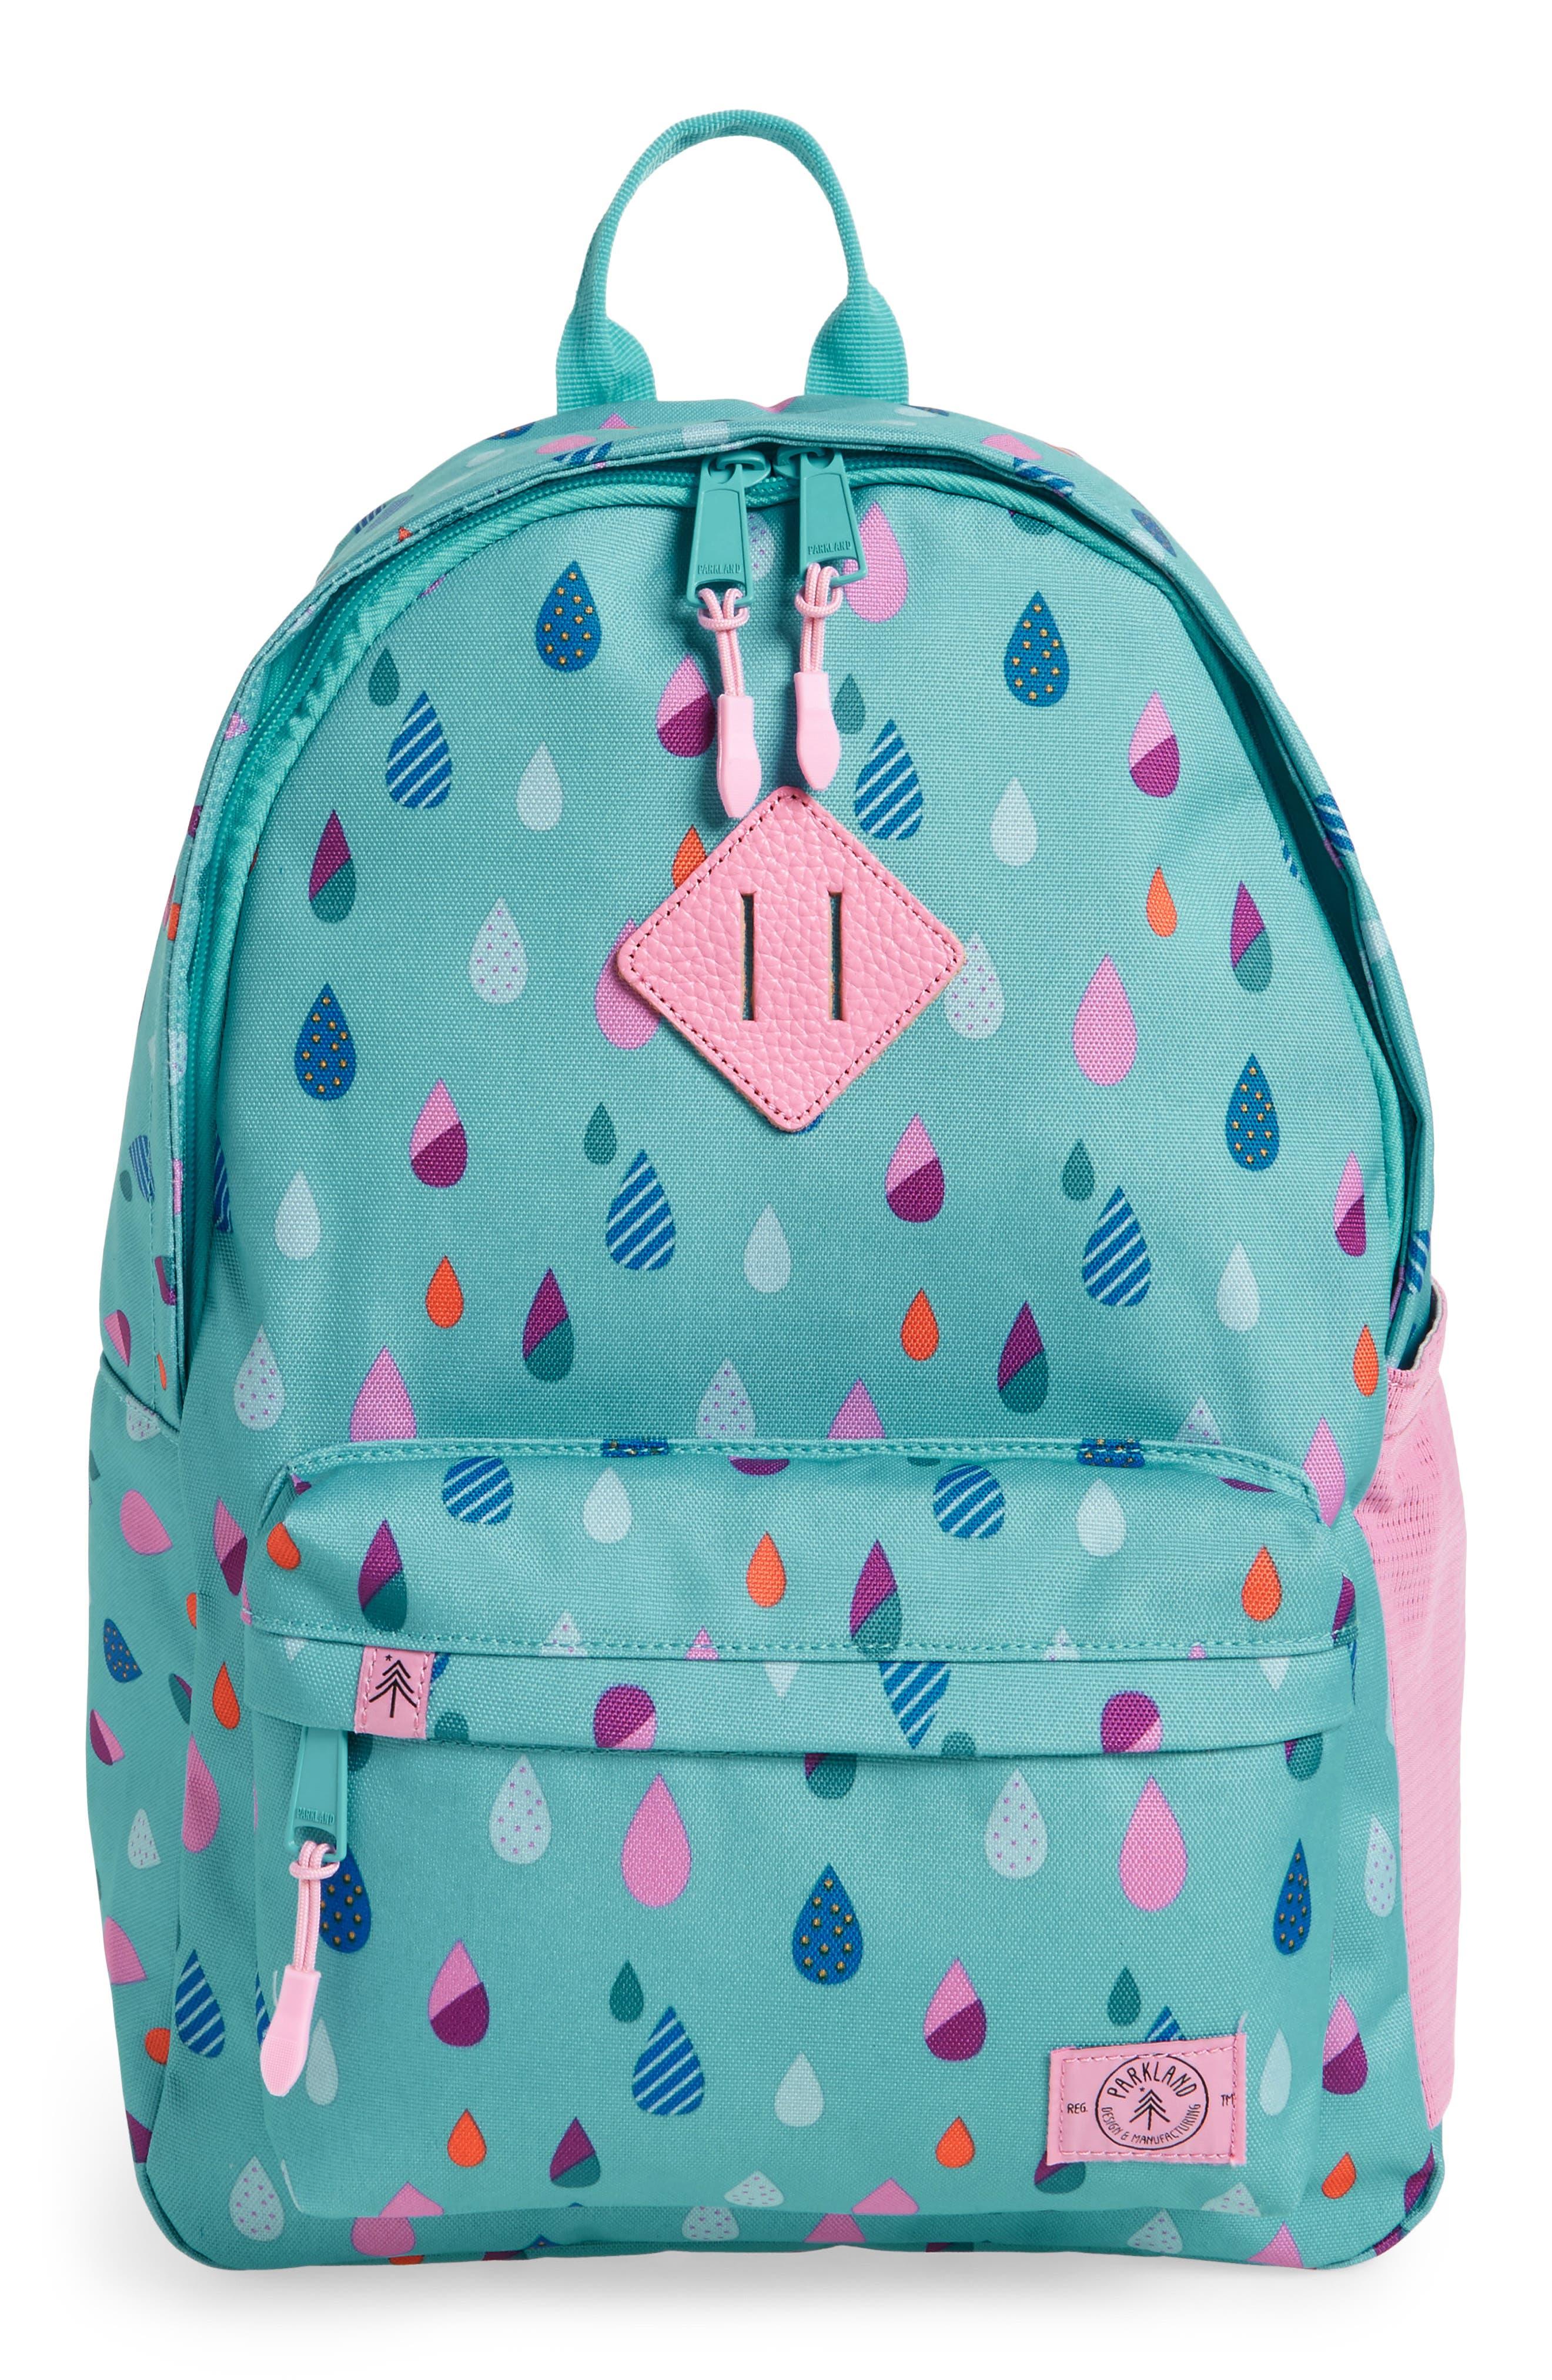 Main Image - Parkland Bayside - Puddles Backpack (Kids)